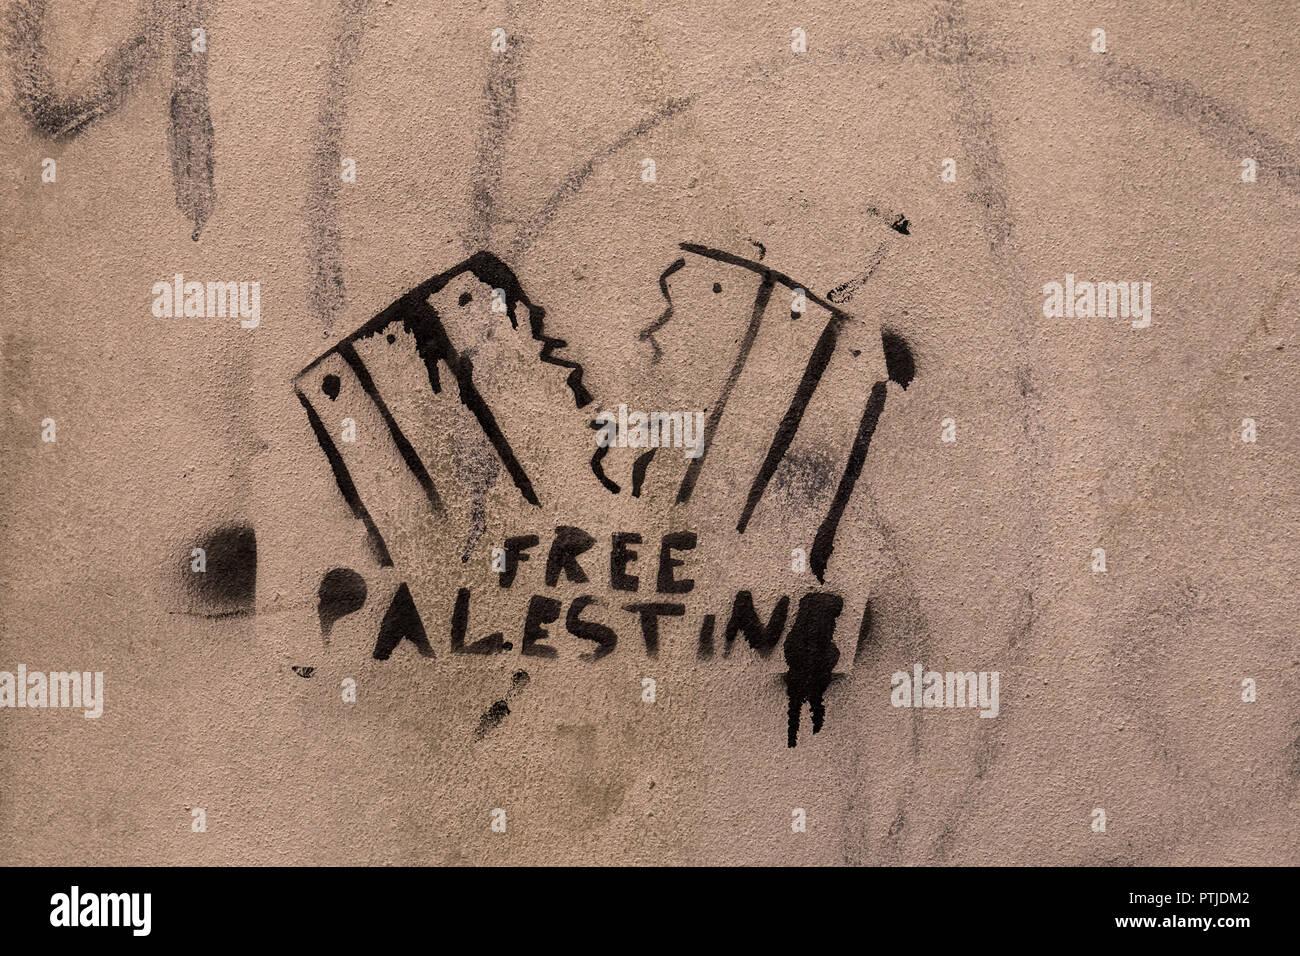 Free Palestine graffiti - Stock Image